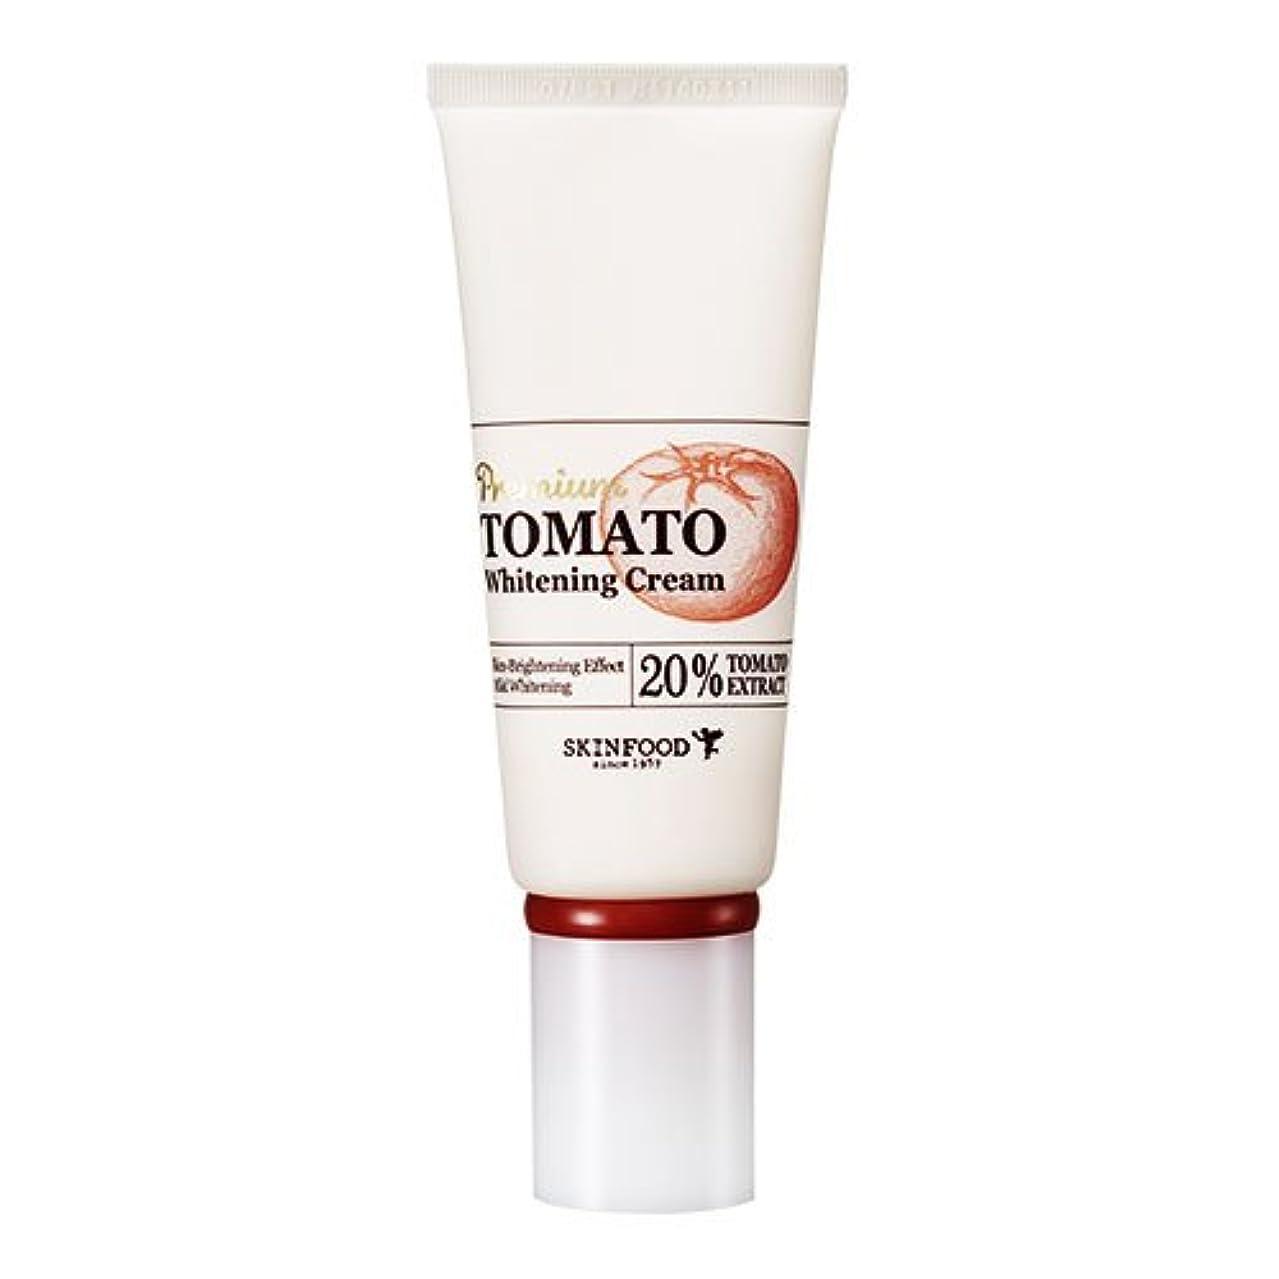 取り出す荒野エアコンSkinfood プレミアムトマトホワイトニングクリーム(美白効果) / Premium Tomato Whitening Cream (Skin-Brightening Effect) 50g [並行輸入品]